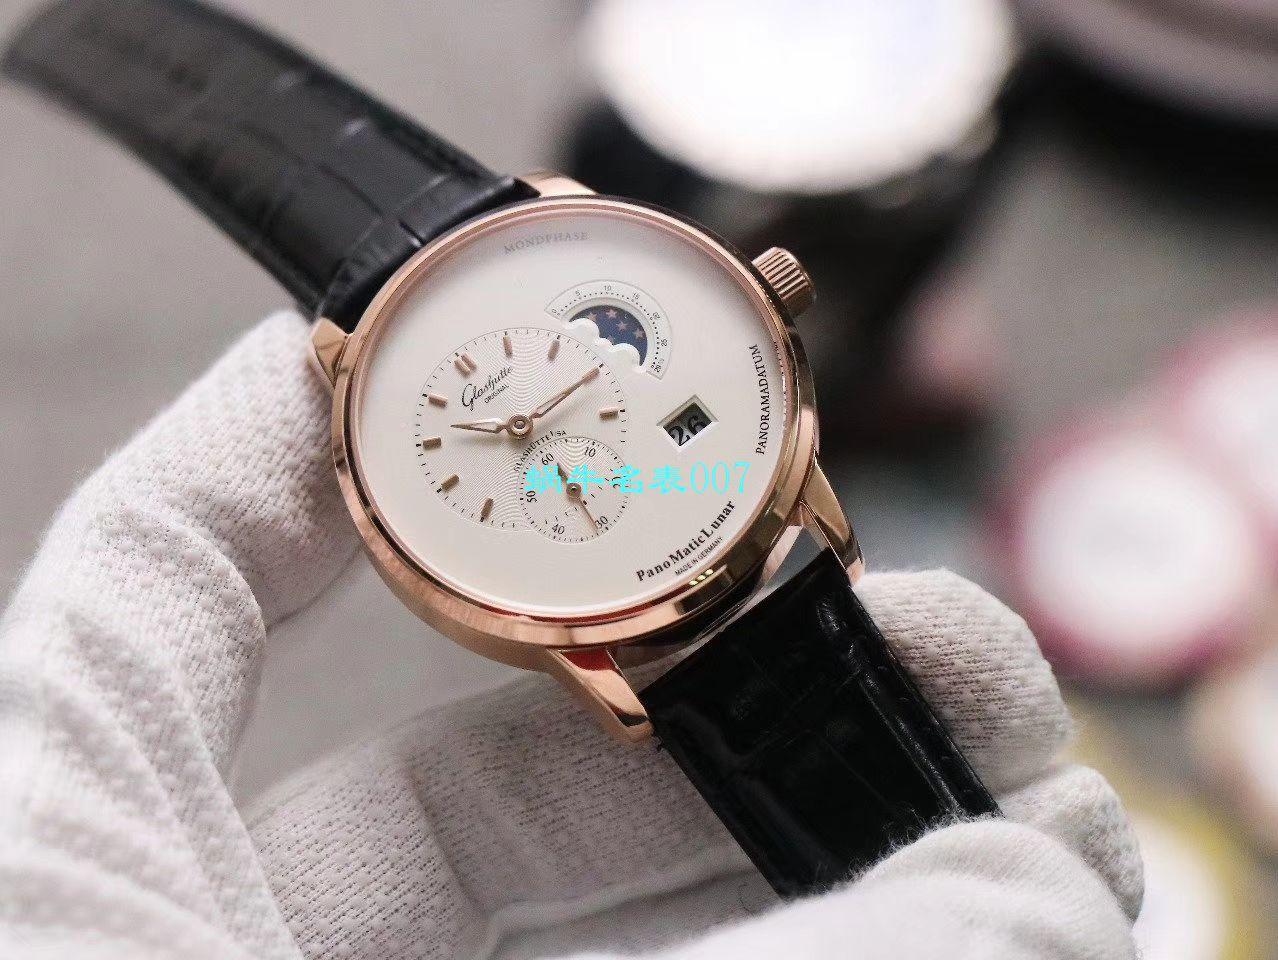 【TZ厂官网超A高仿手表】格拉苏蒂原创 PANO MATIC LUNAR偏心系列1-90-02-45-35-04腕表 / GLA056